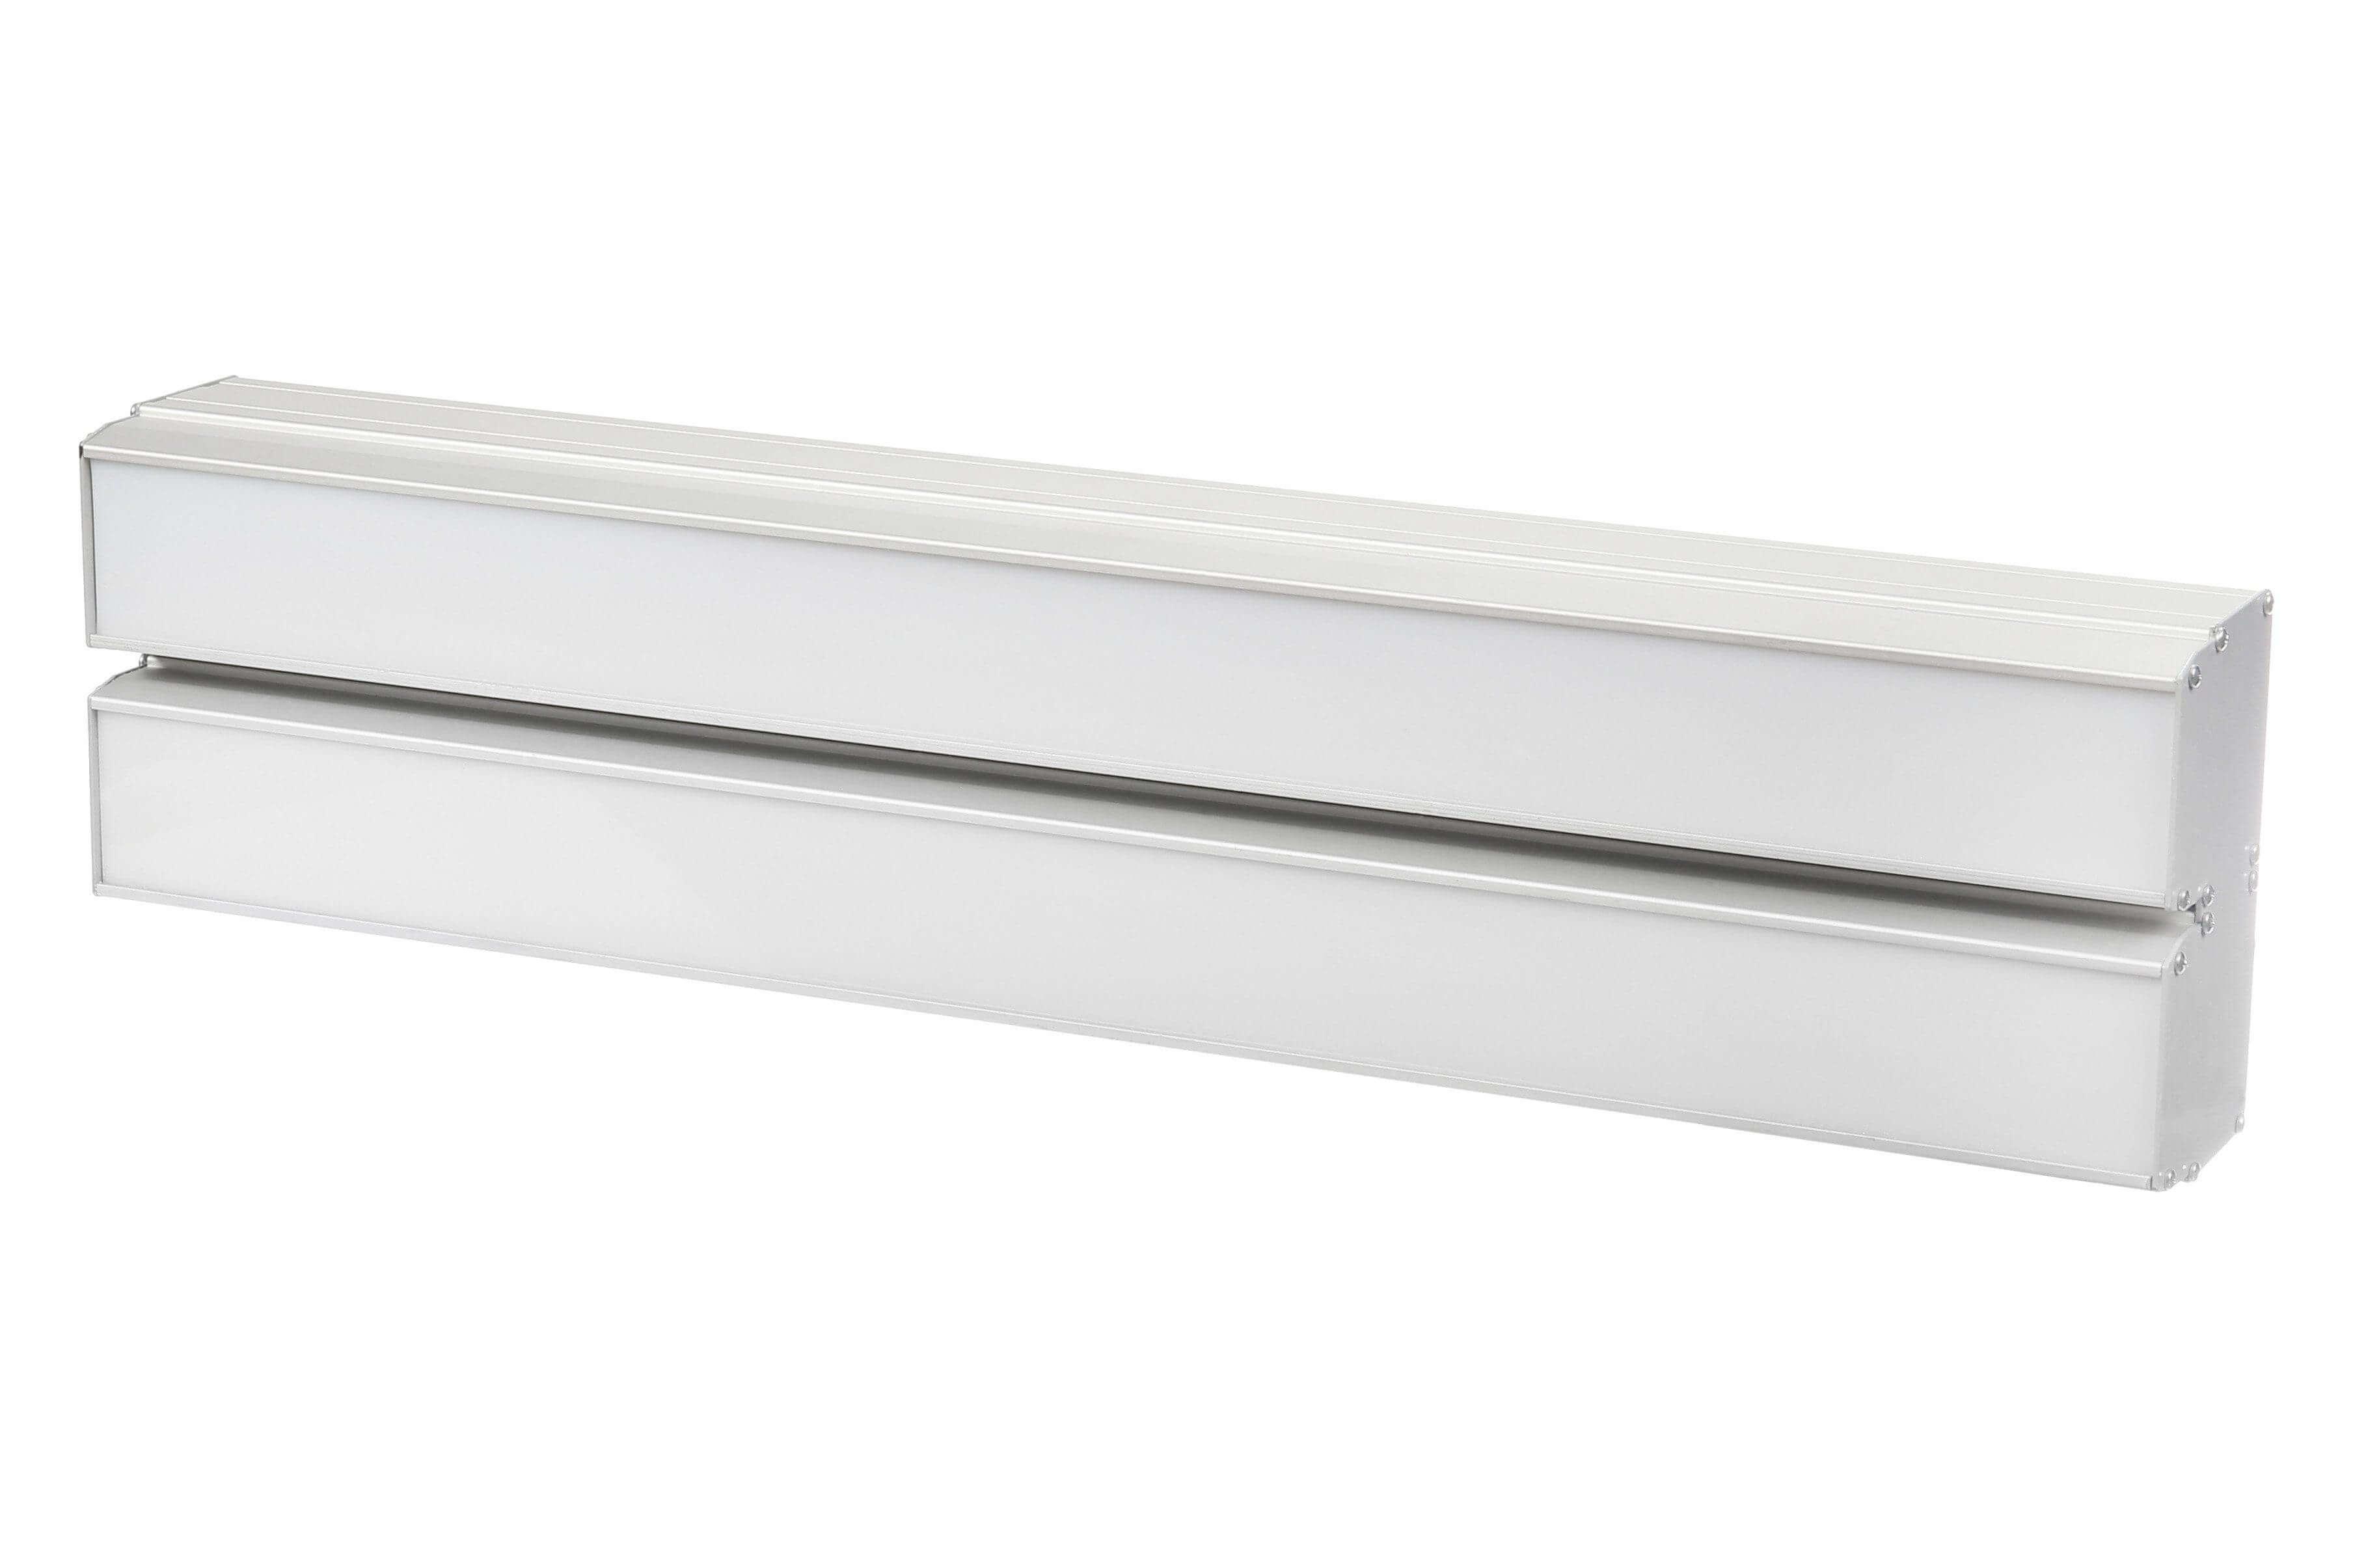 Светодиодный светильник LEDcraft LC-100-2PR-DW 100 Ватт IP20 (1464 мм) Нейтральный Опал